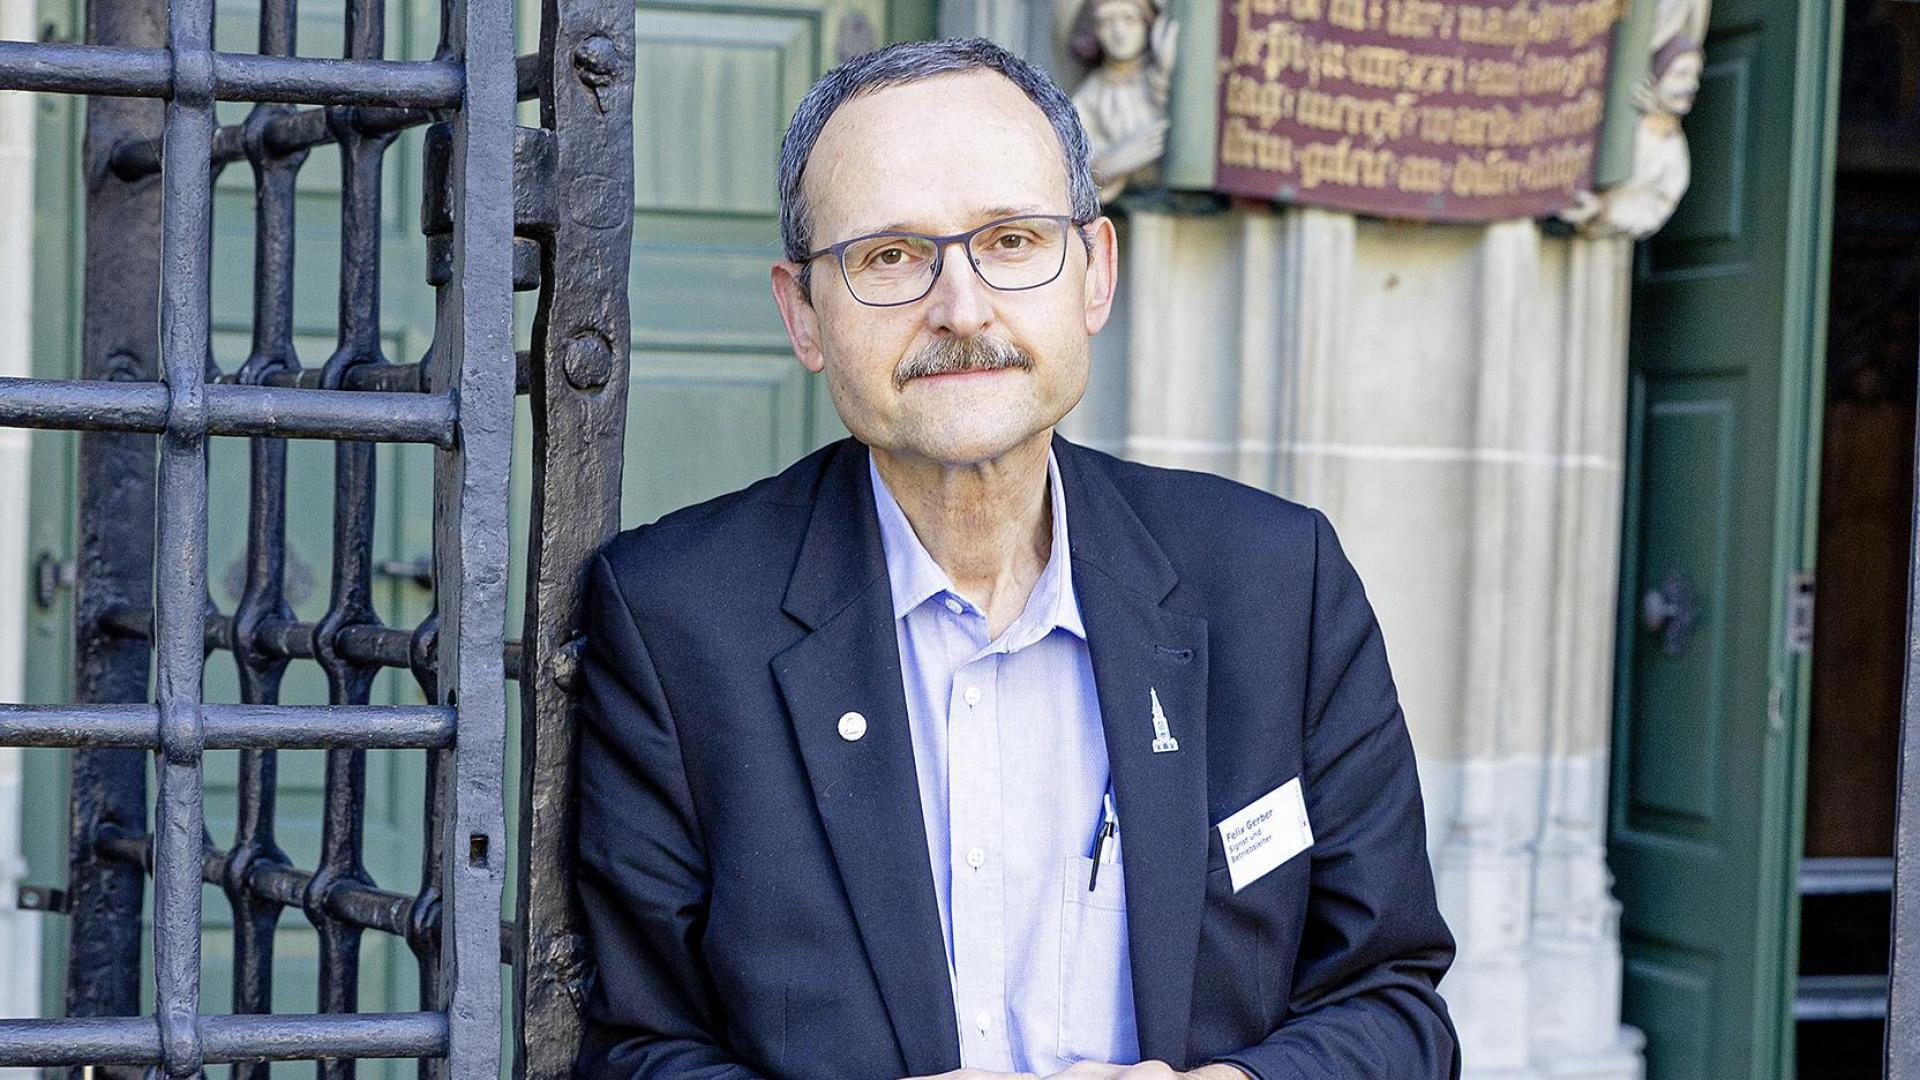 Auch nach 15 Jahren entdeckt er das Münster jede Woche neu